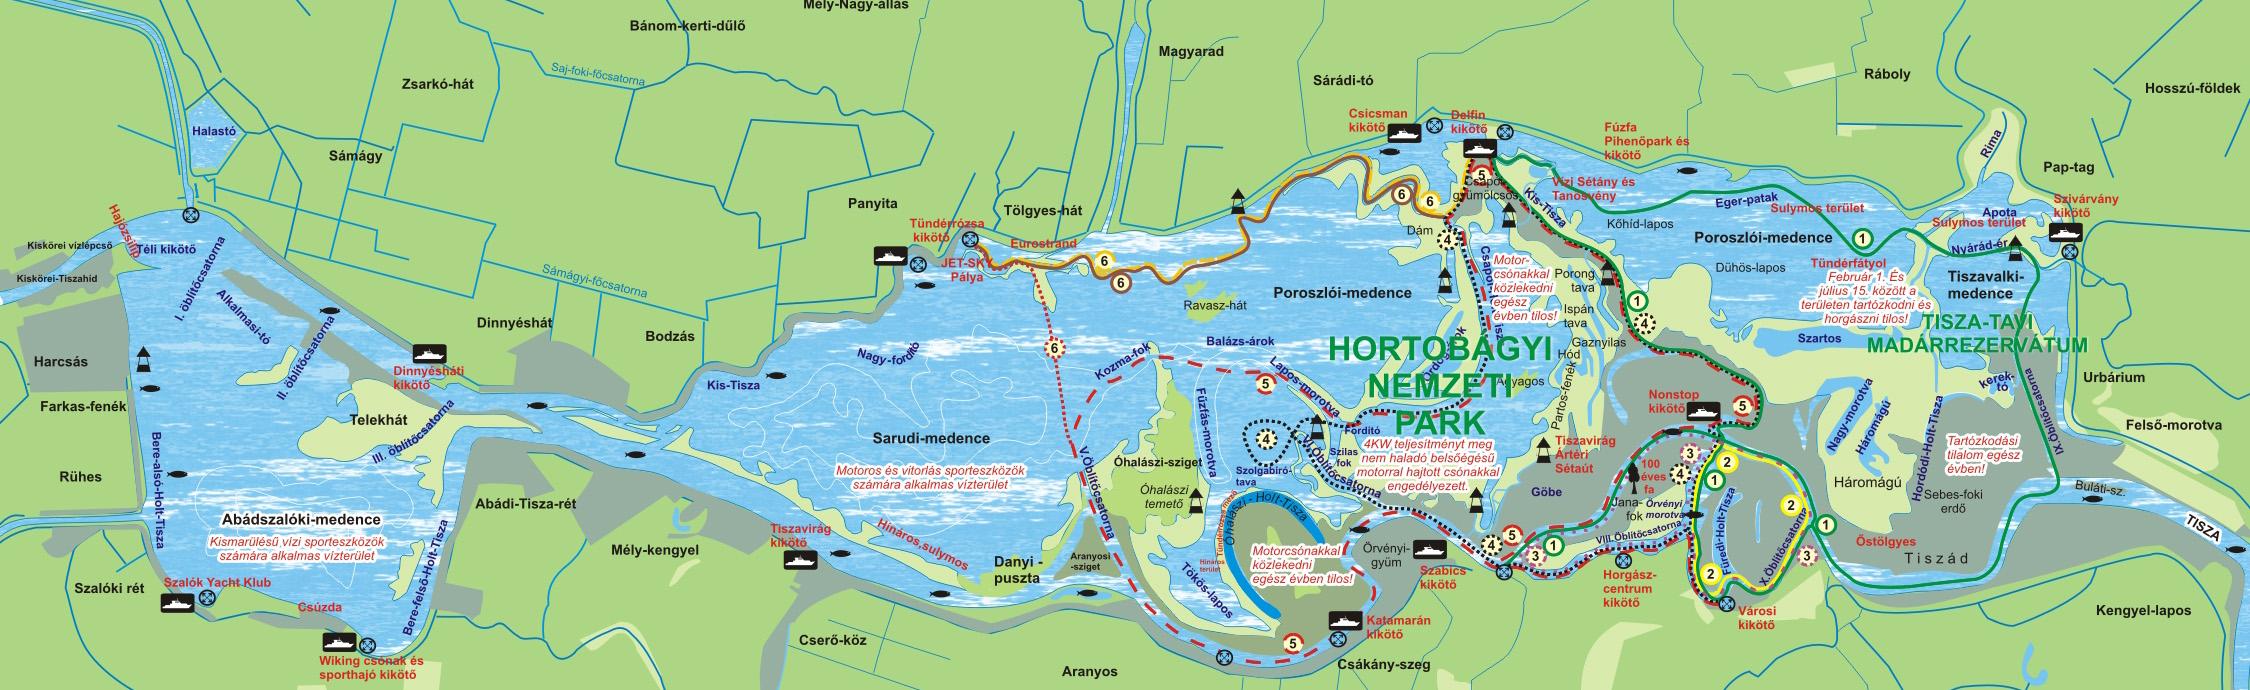 magyarország tisza tó térkép 10 DOLOG, AMIT MÉG NEM TUDTÁL A TISZA TÓRÓL   Gyere a Tisza tóra magyarország tisza tó térkép